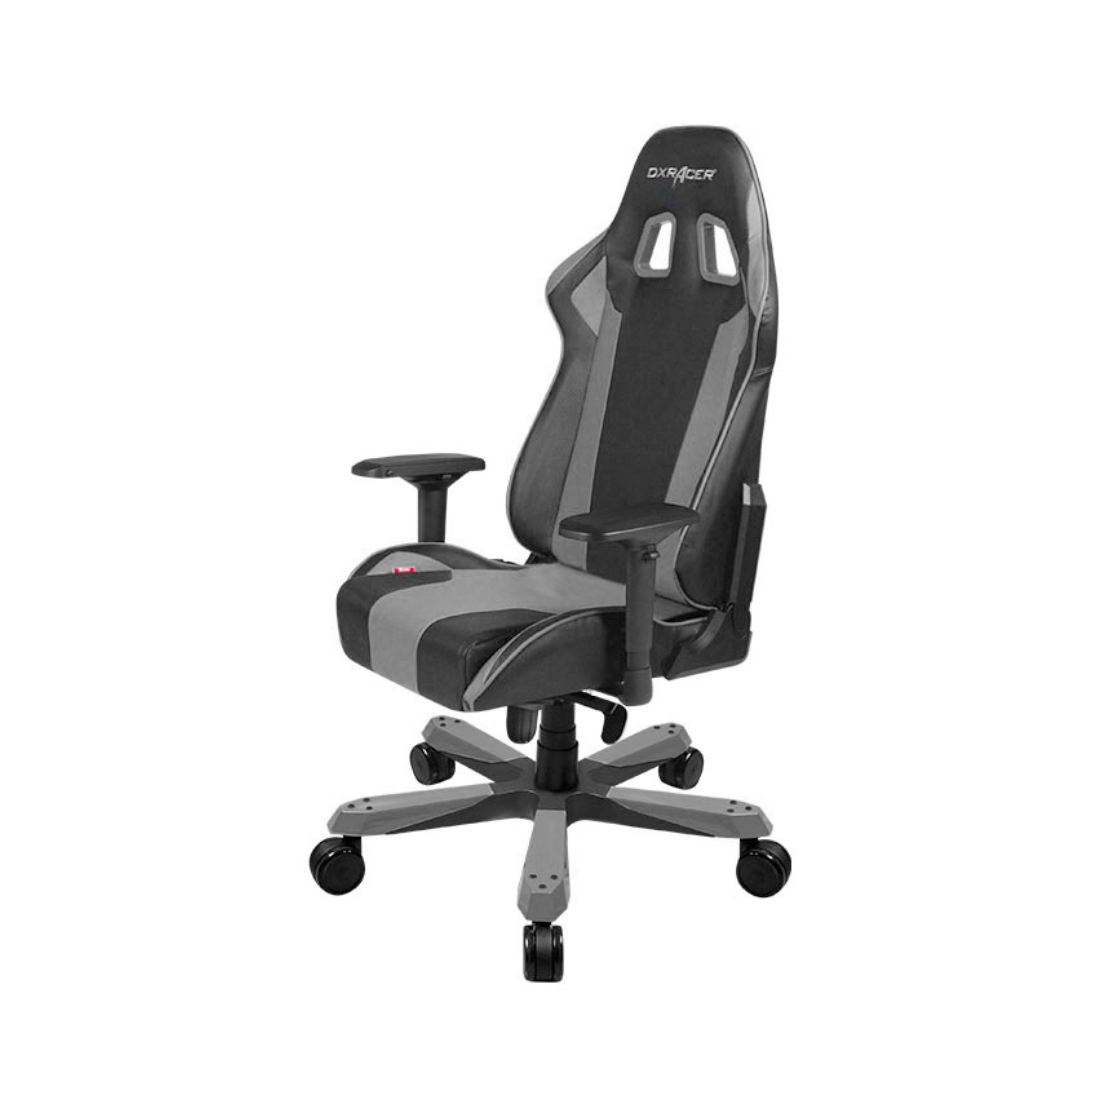 Игровое компьютерное кресло DX Racer OH/KS06/NG